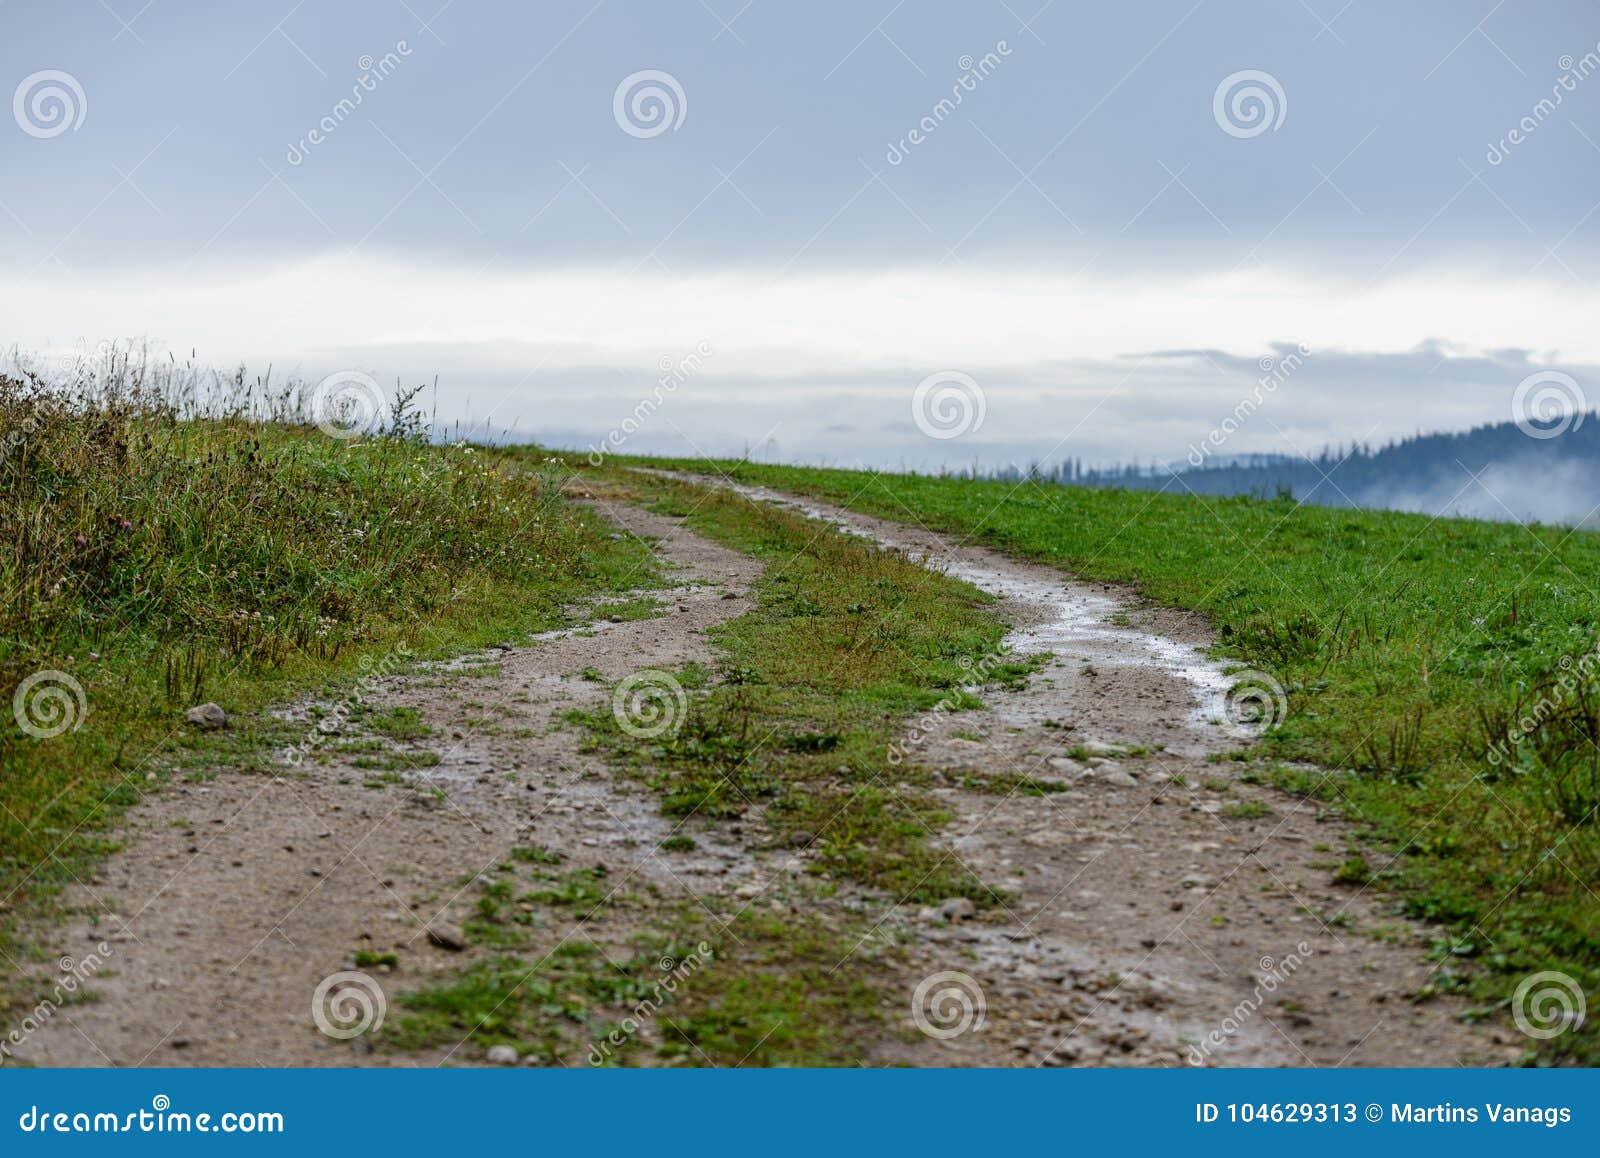 Download Lege Grintweg In Het Platteland In De Zomer Stock Afbeelding - Afbeelding bestaande uit slepen, letland: 104629313